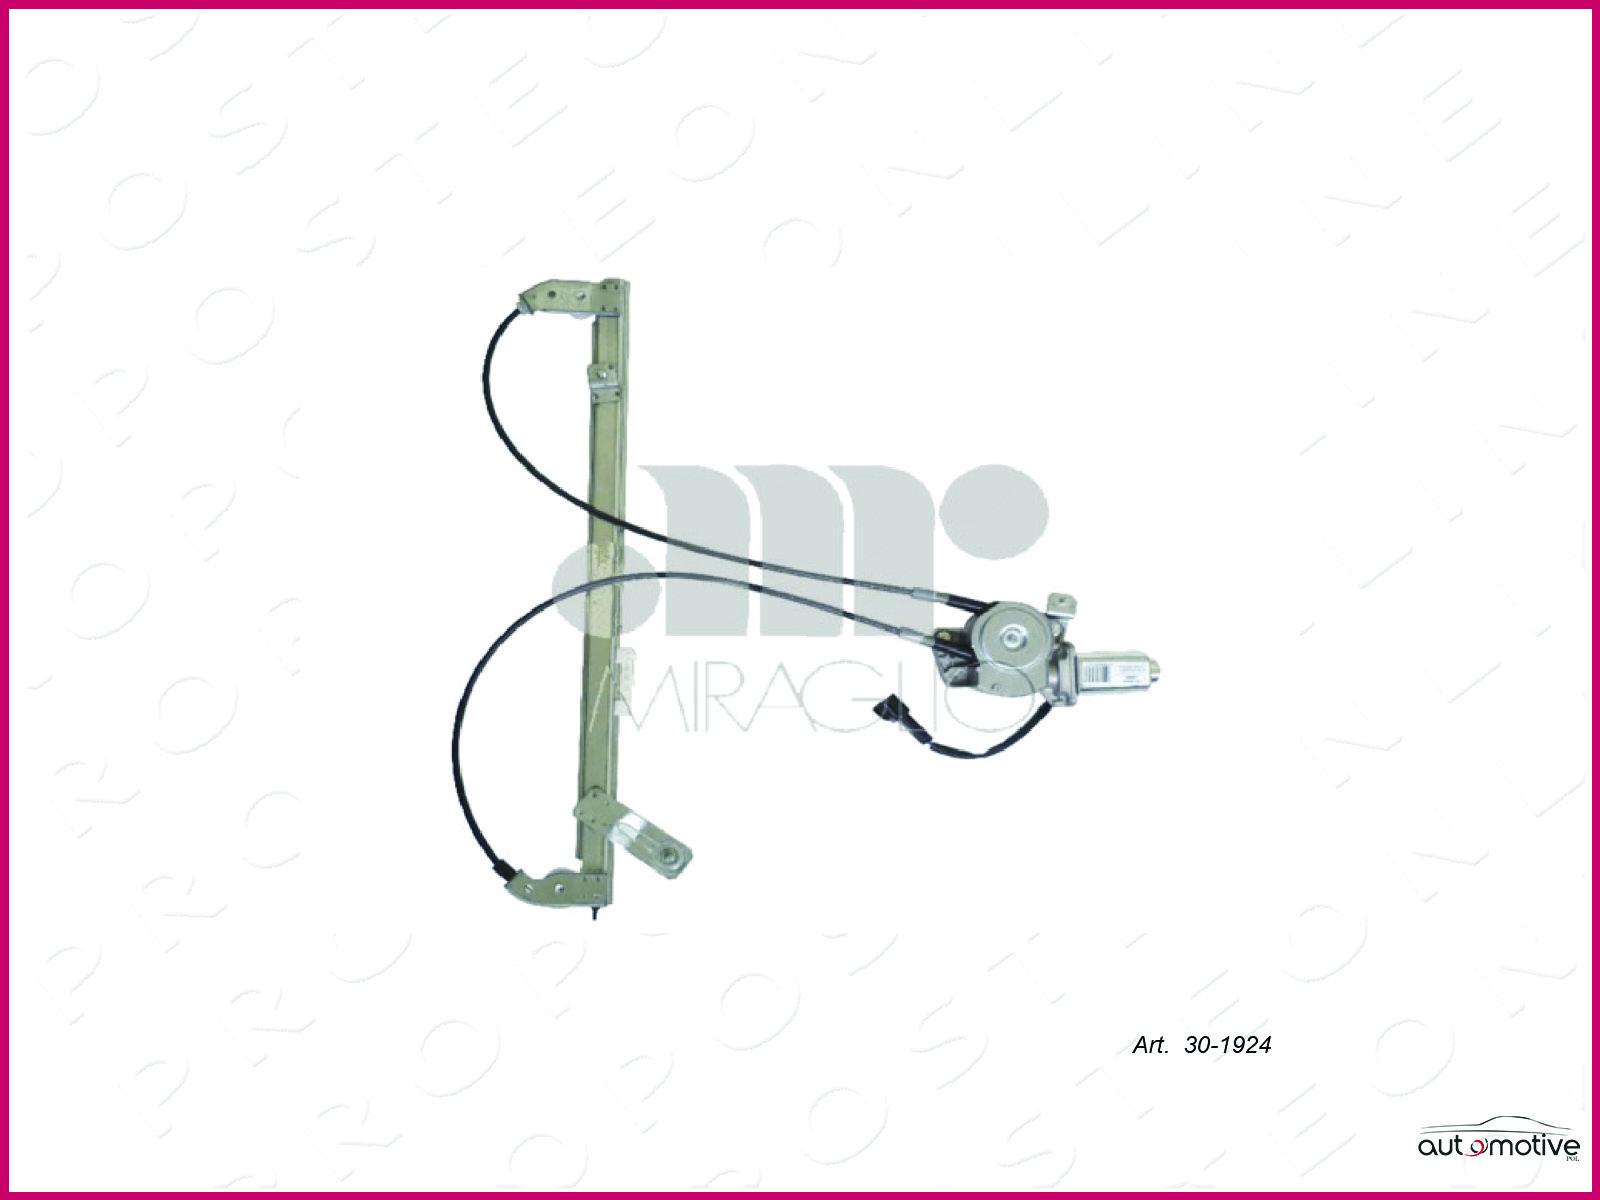 Leve-vitre-Vitres-Electriques-Electrique-Arriere-Droite-Peugeot-806-5P-1994